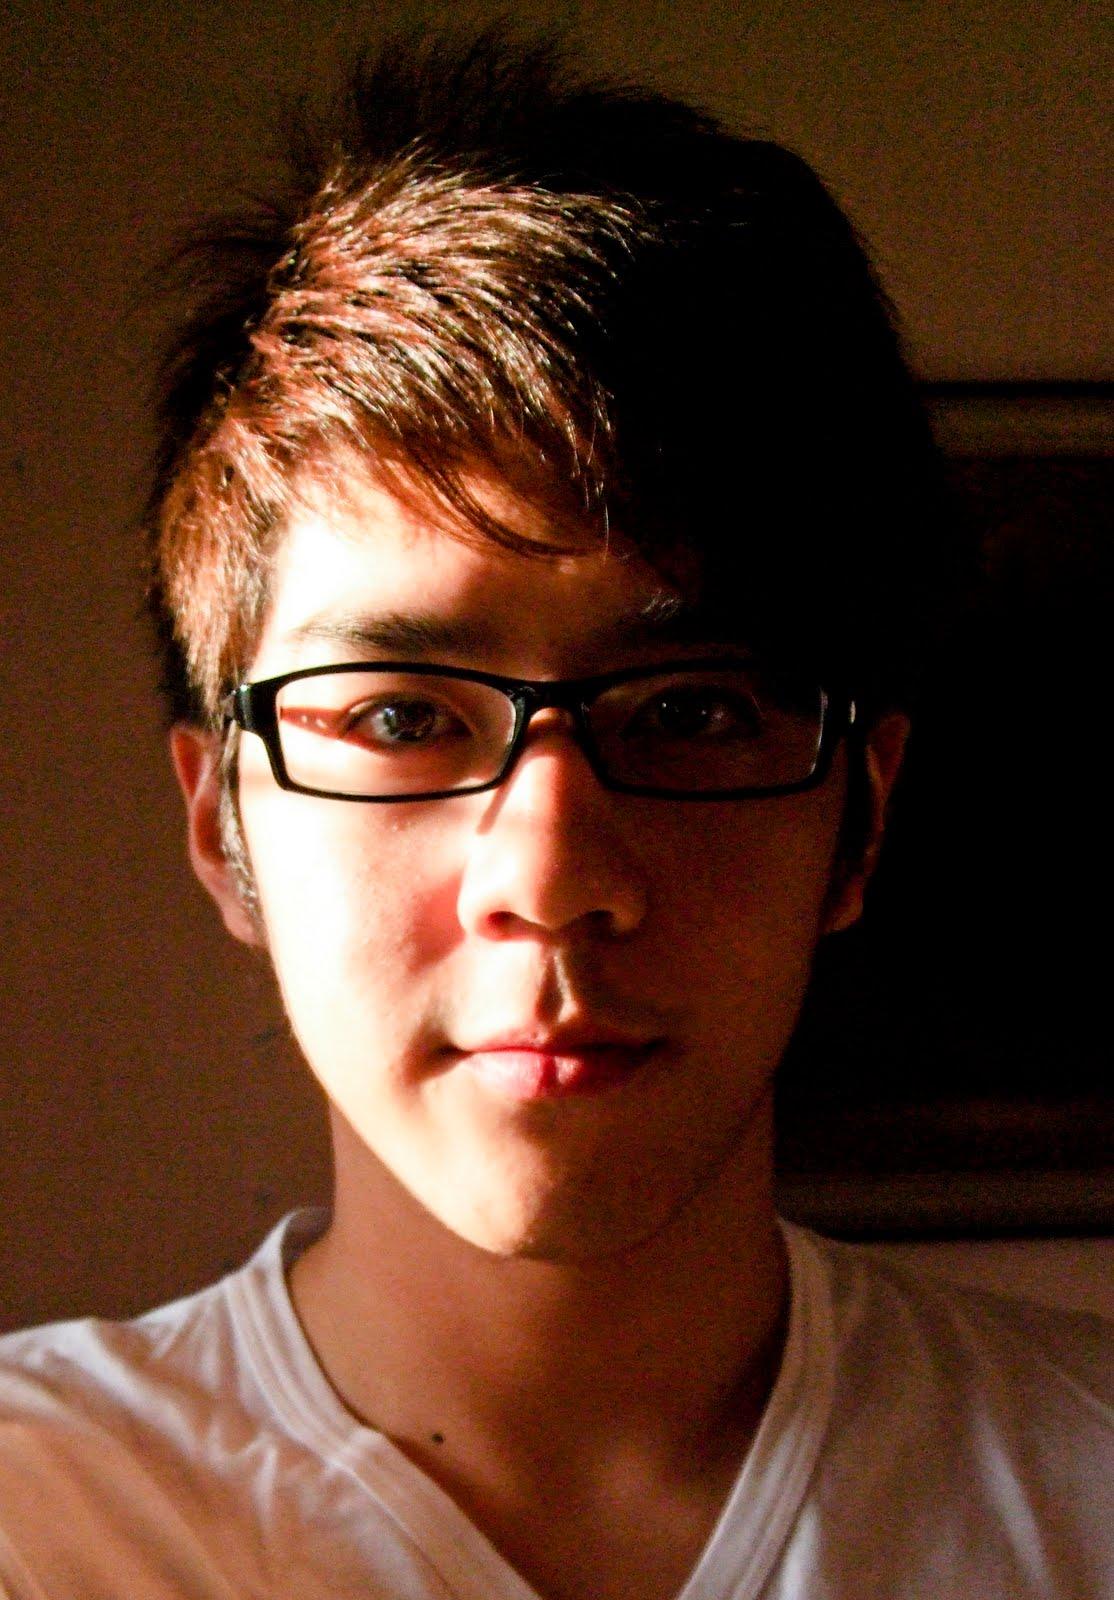 http://1.bp.blogspot.com/_4i5HngzV2GE/S7GjH49WiLI/AAAAAAAAA_o/2z-uDdvu3UE/s1600/Me+Shadow.jpg